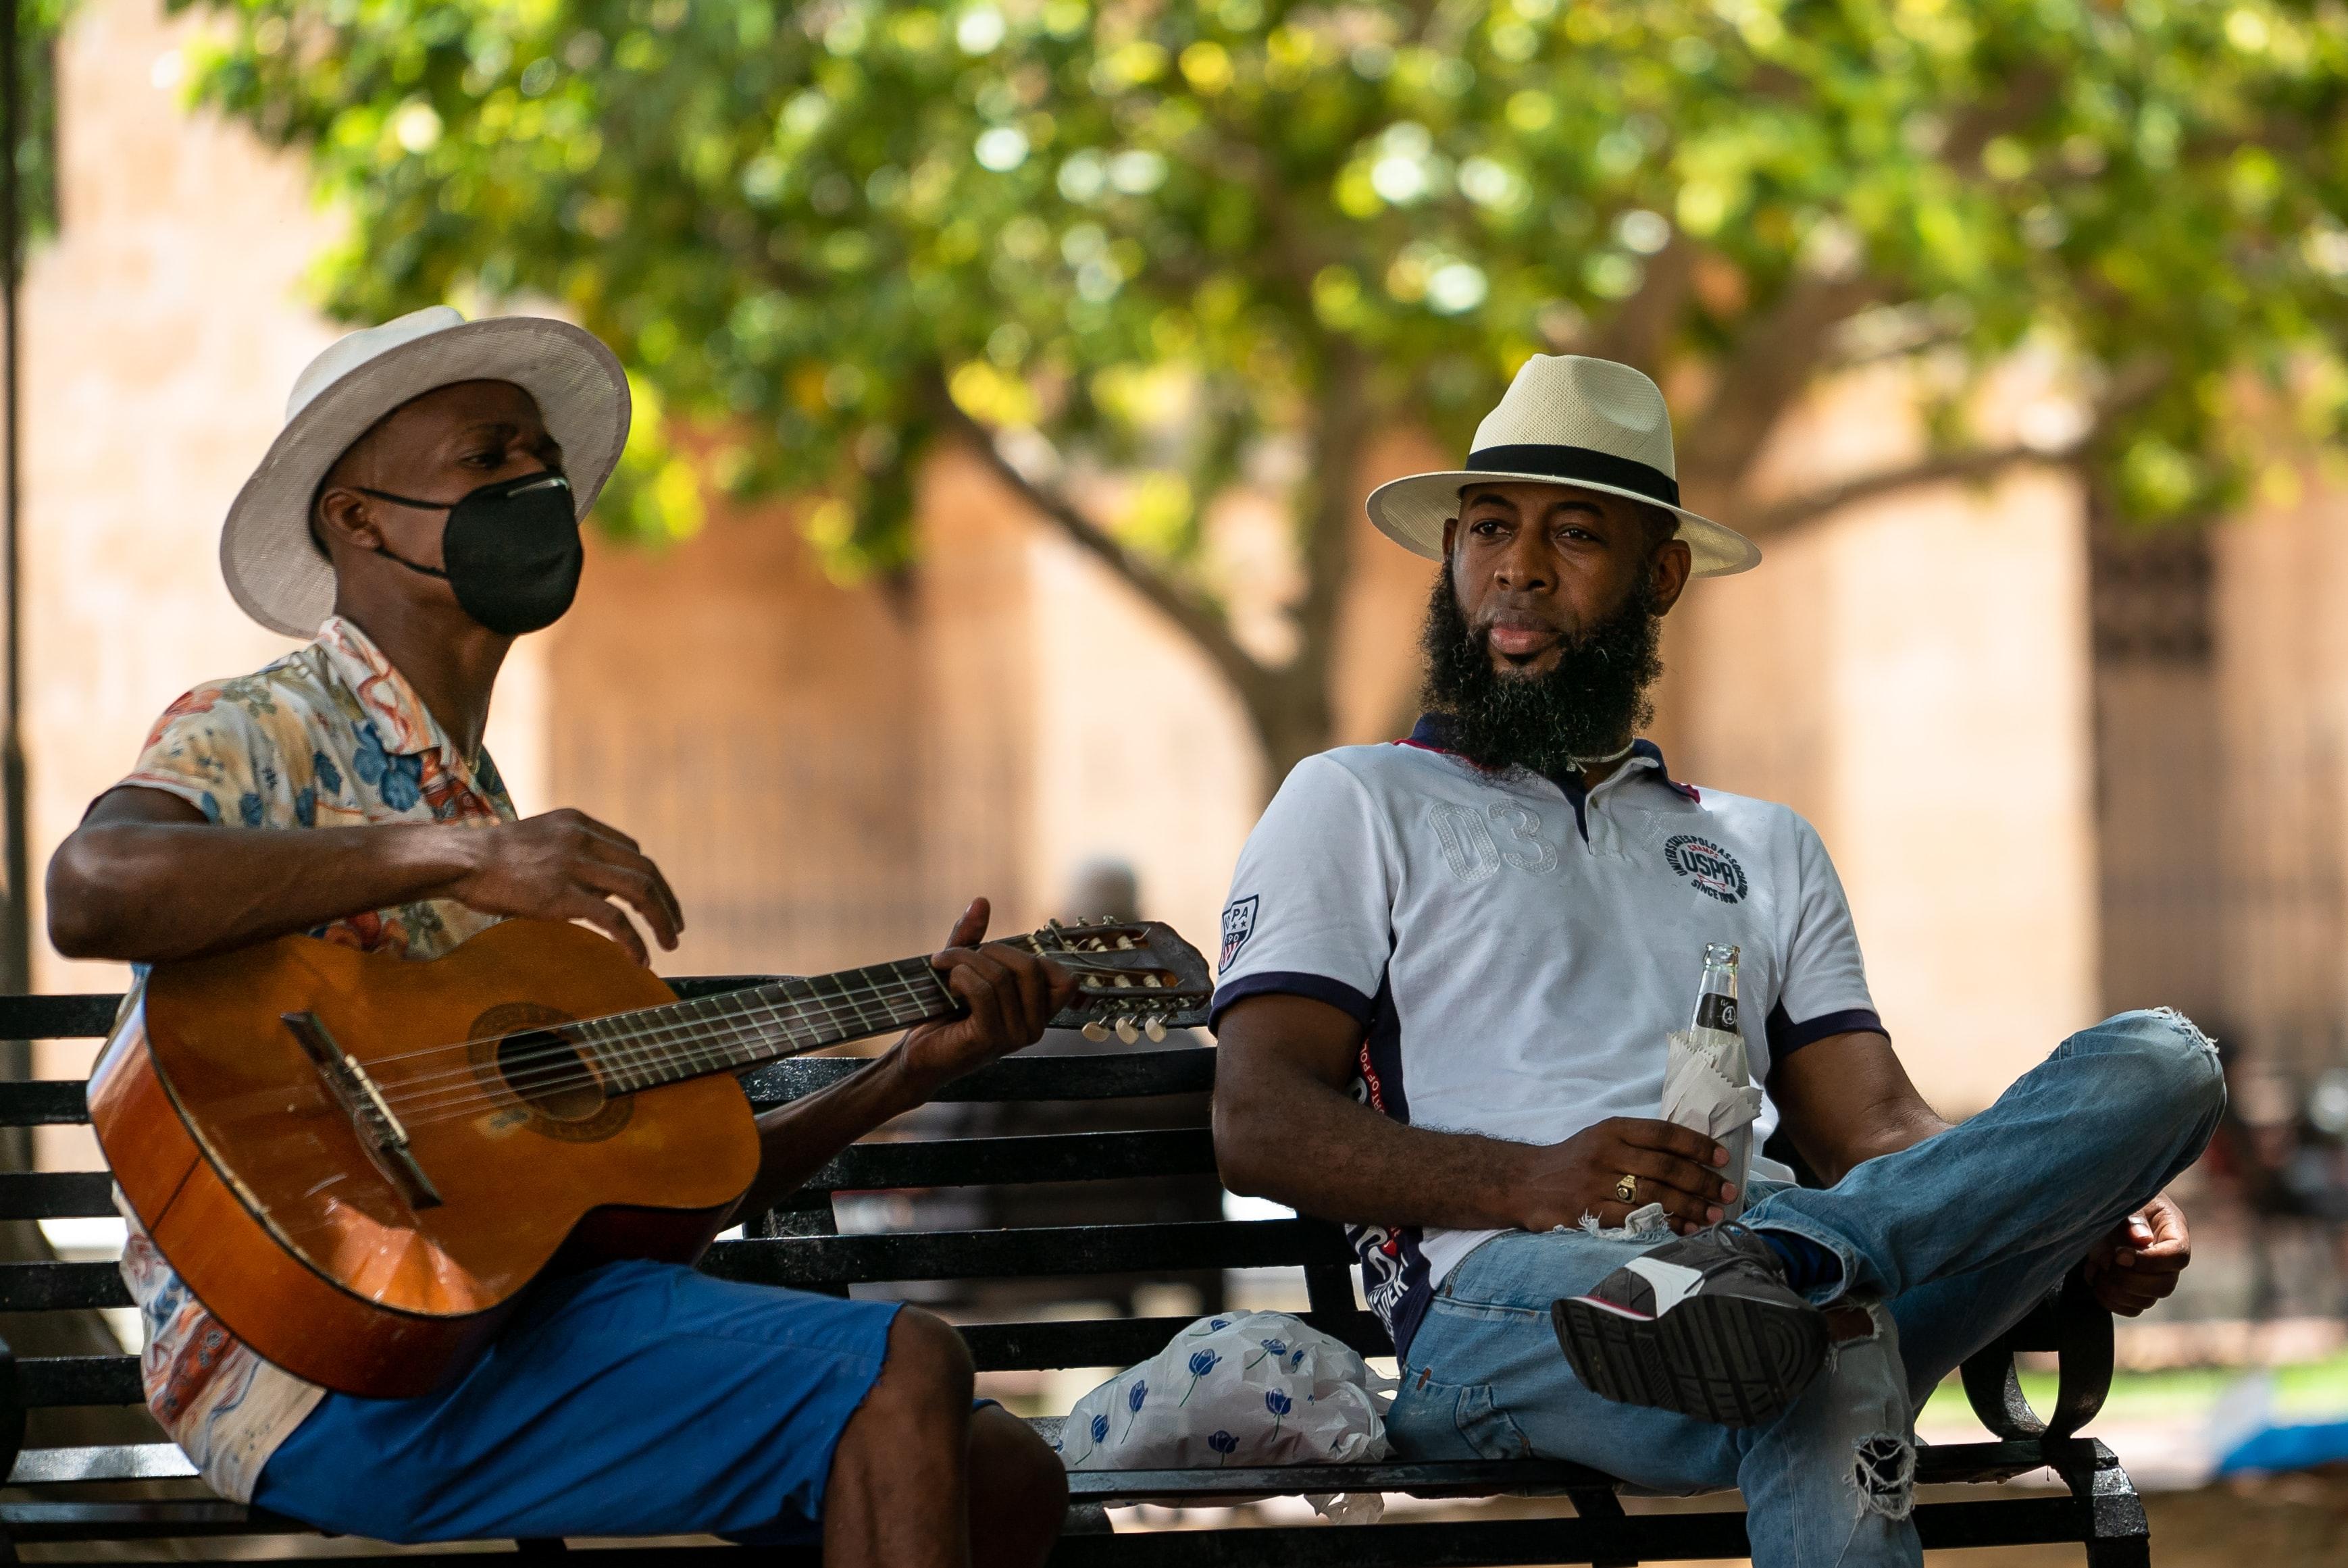 mezczyzni grajacy na gitarze